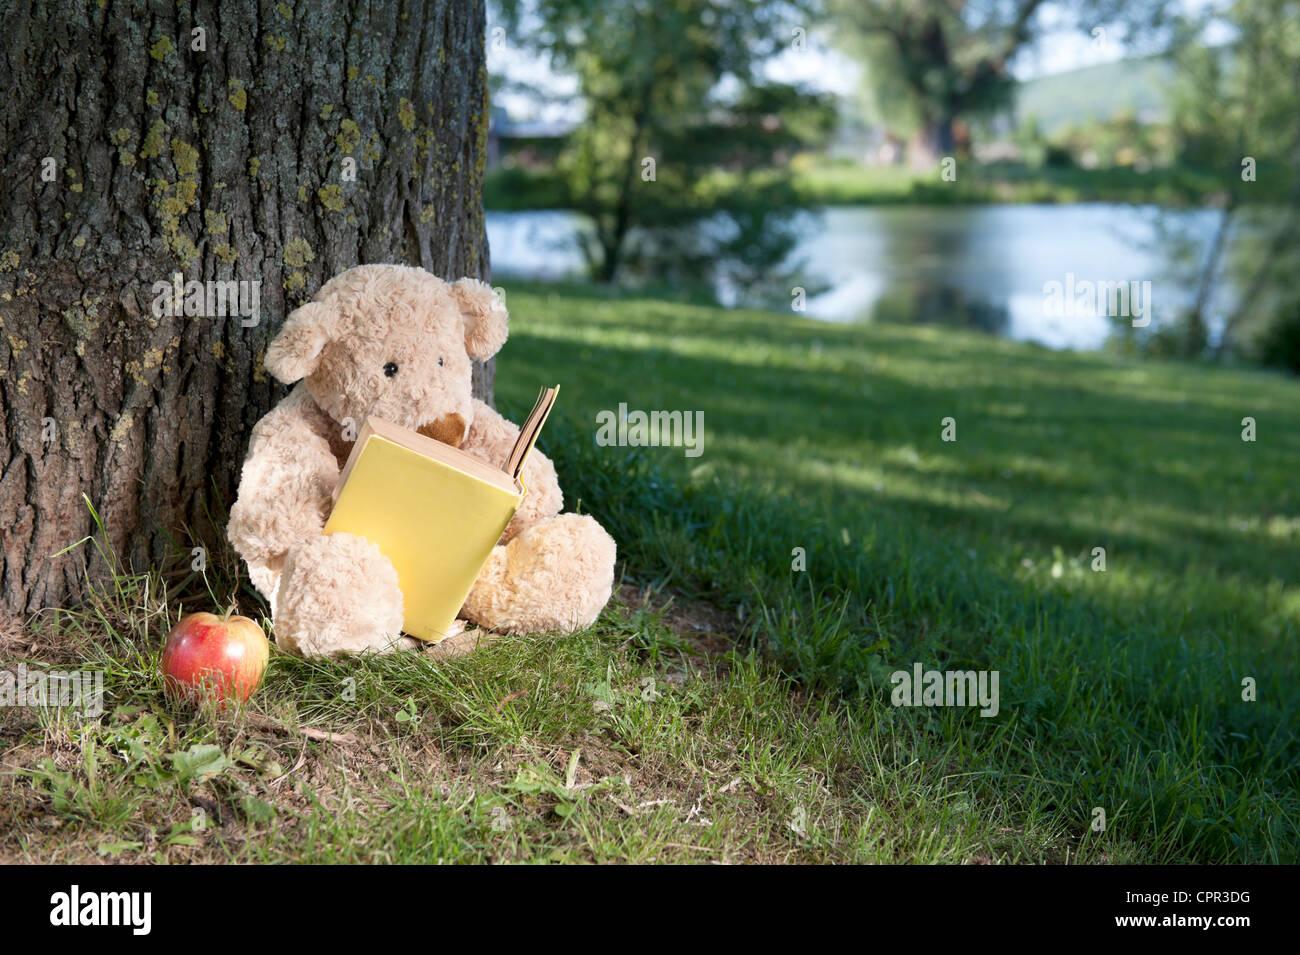 Ours de lire un livre sous un arbre Photo Stock